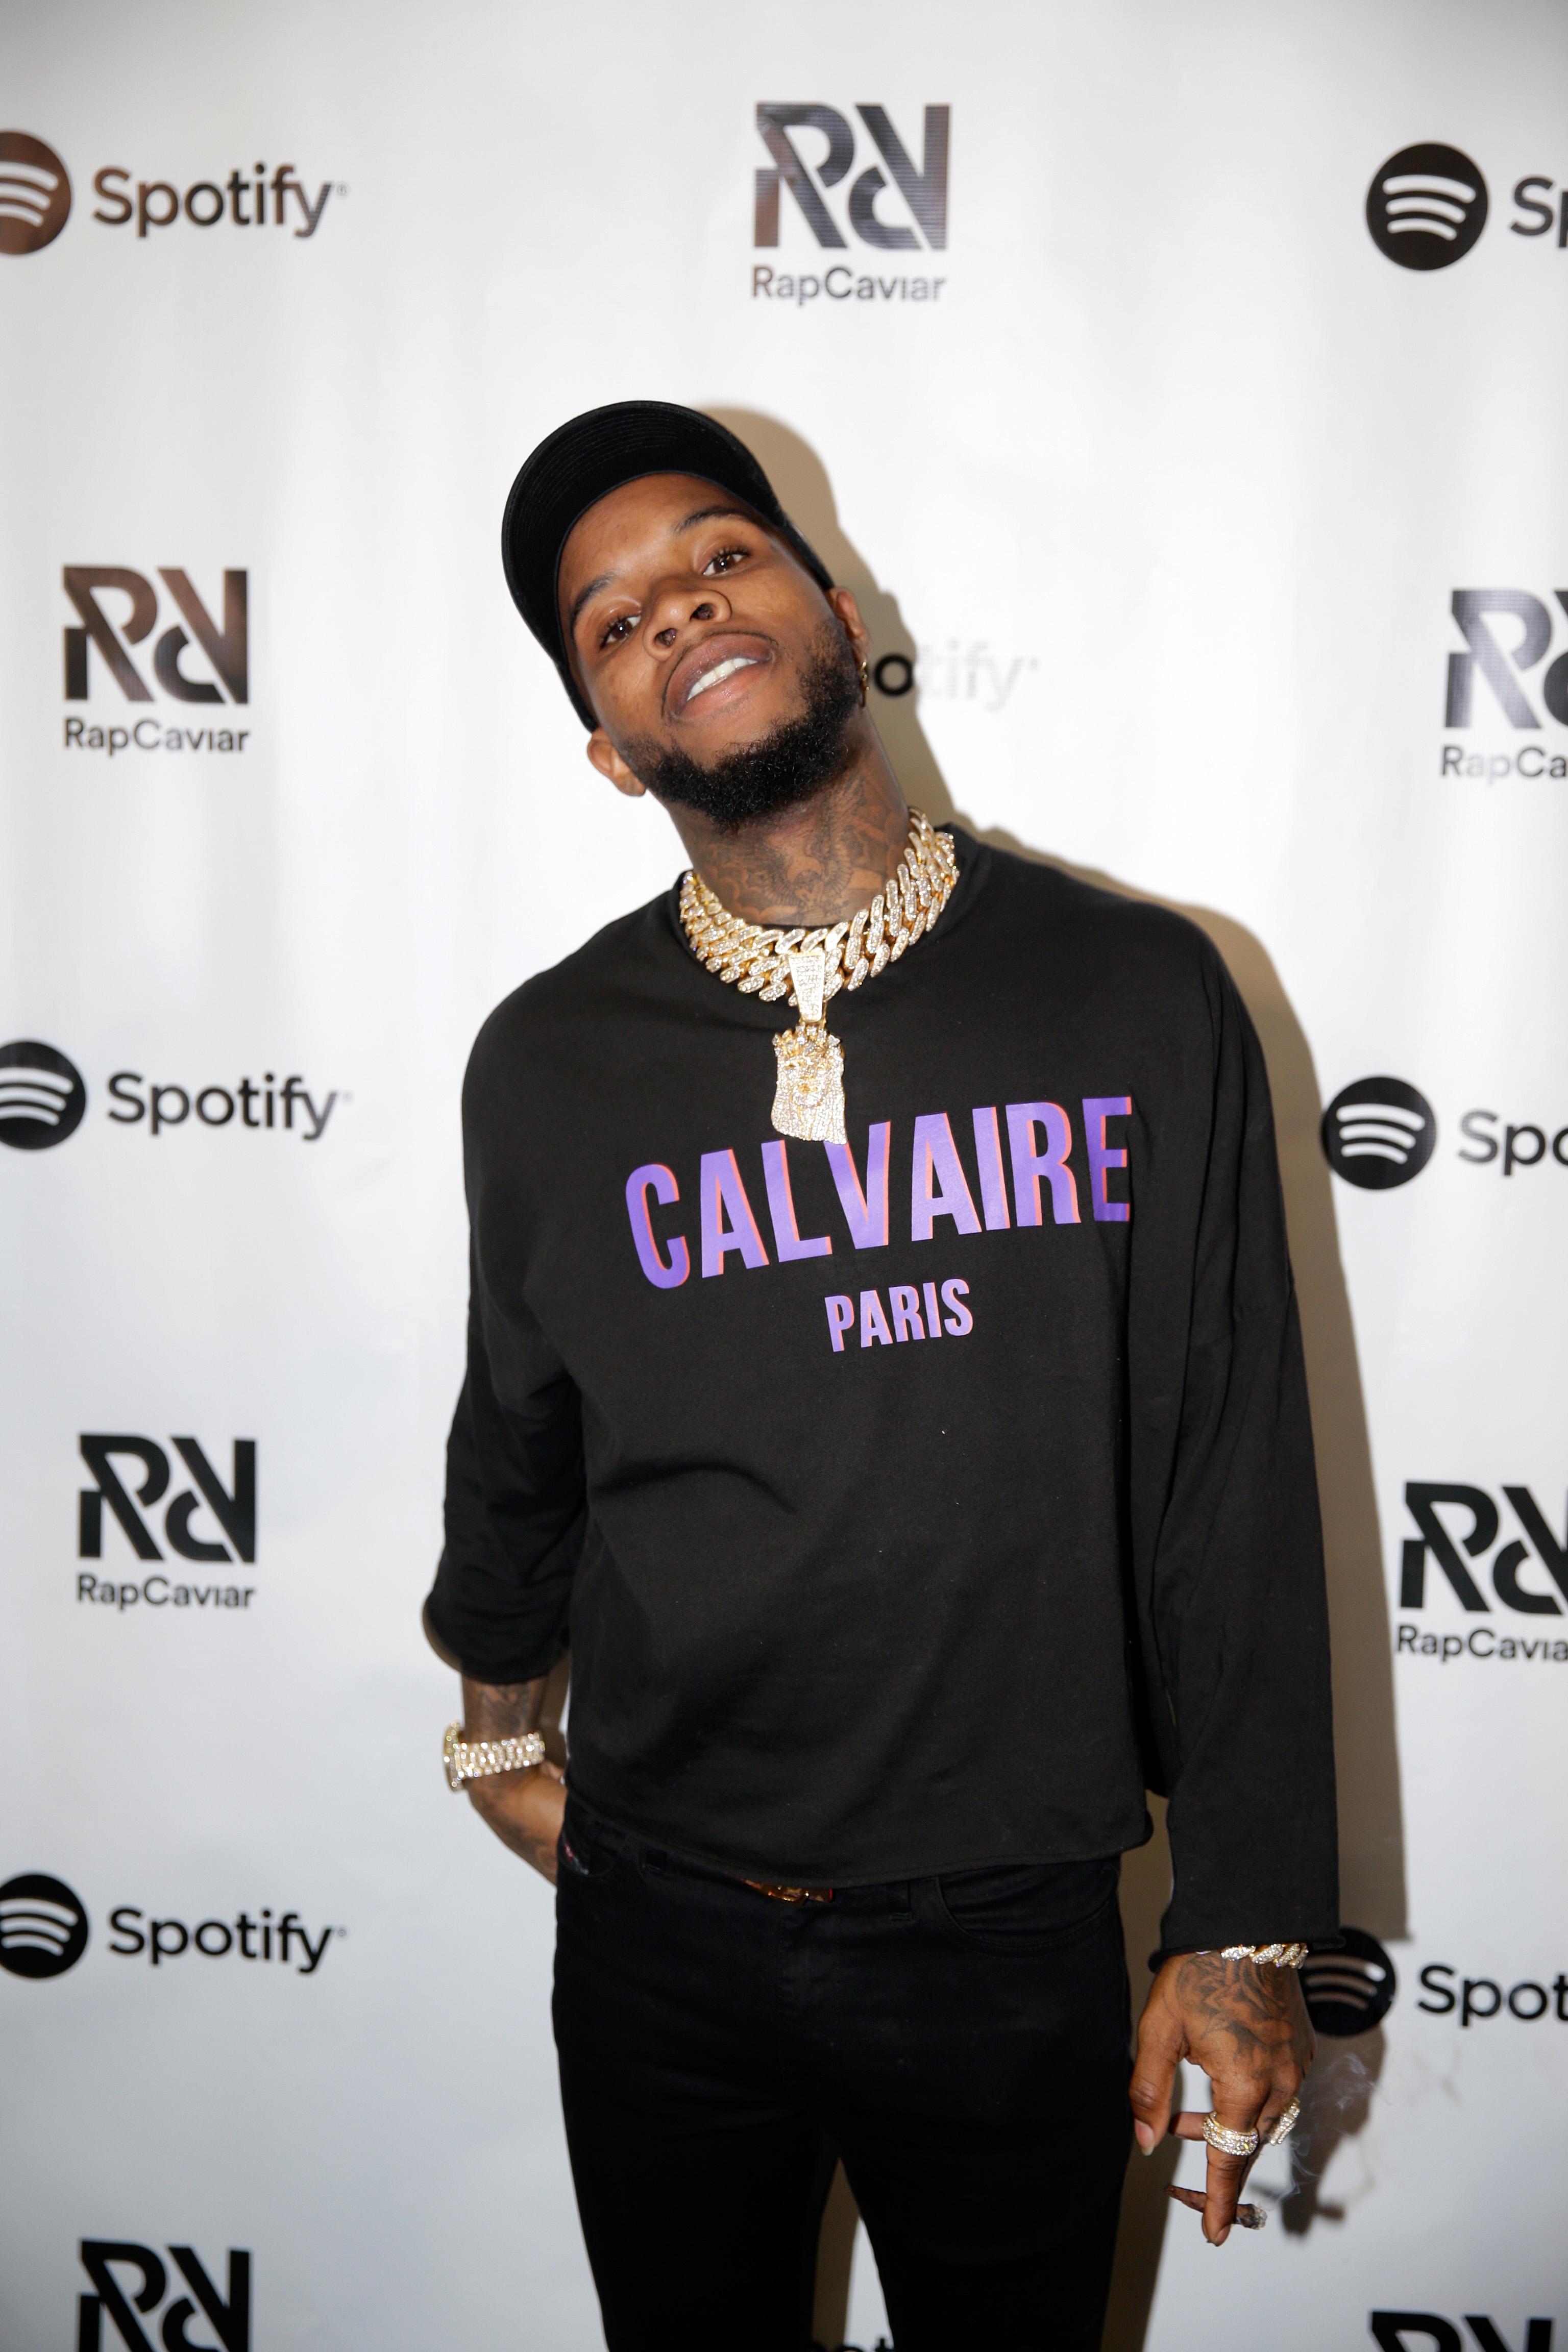 Spotify's RapCaviar Live in Houston